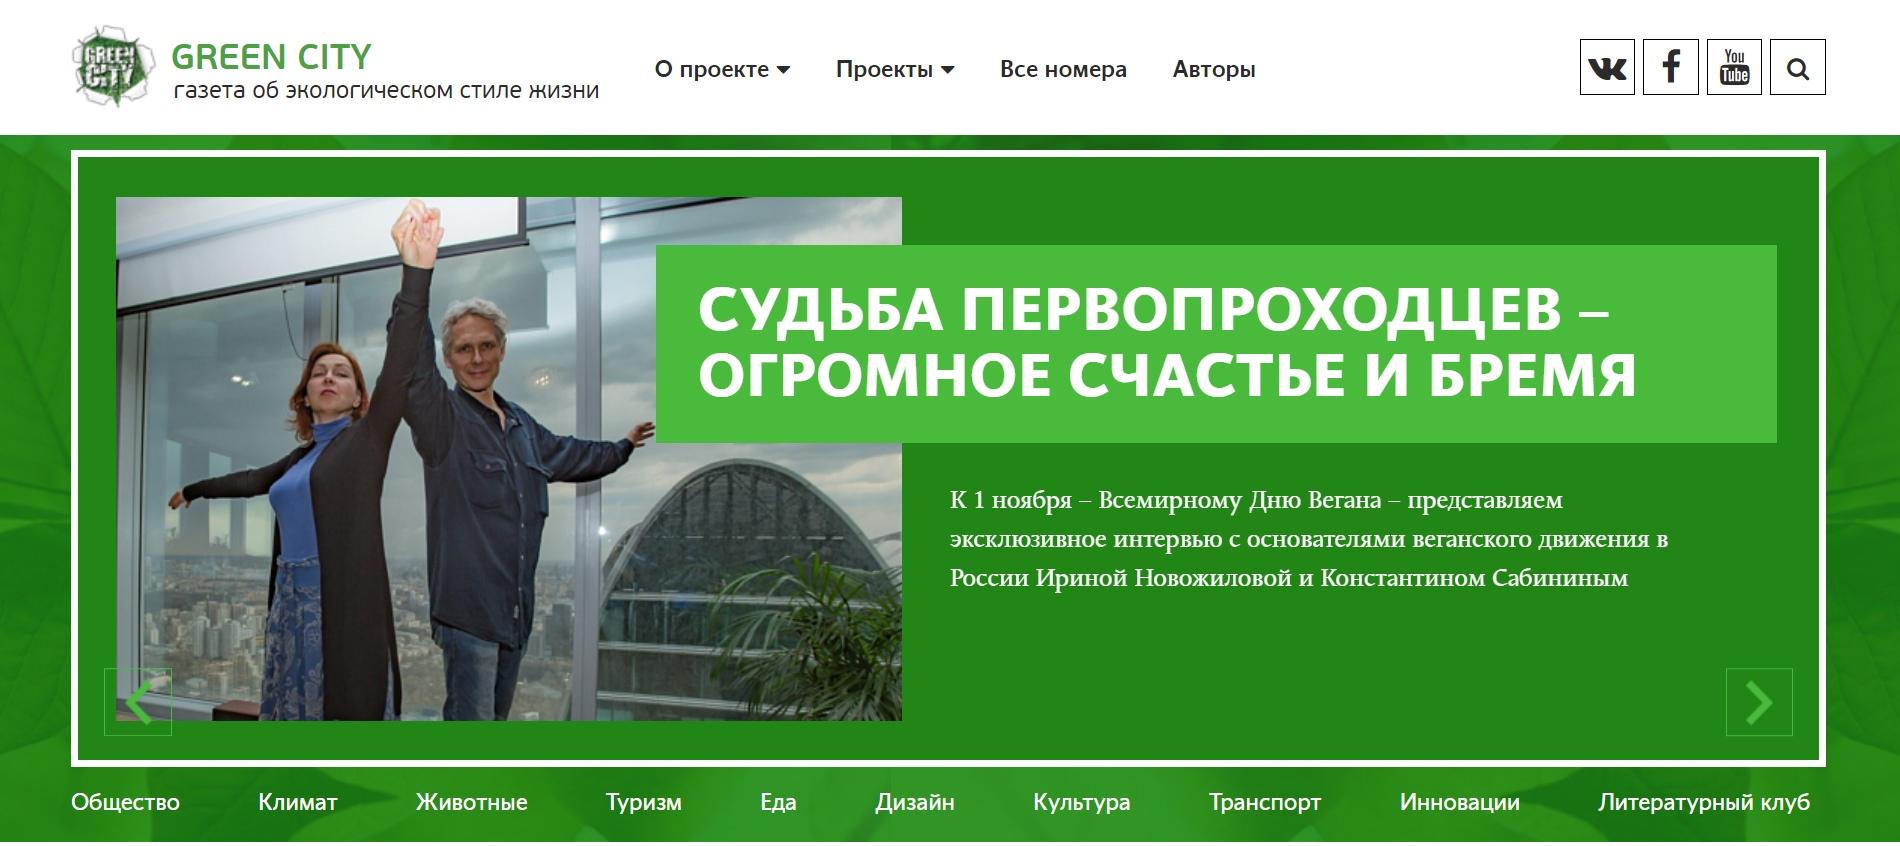 Всемирный день вега́на: эксклюзивное интервью с основателями вега́нского движения в России